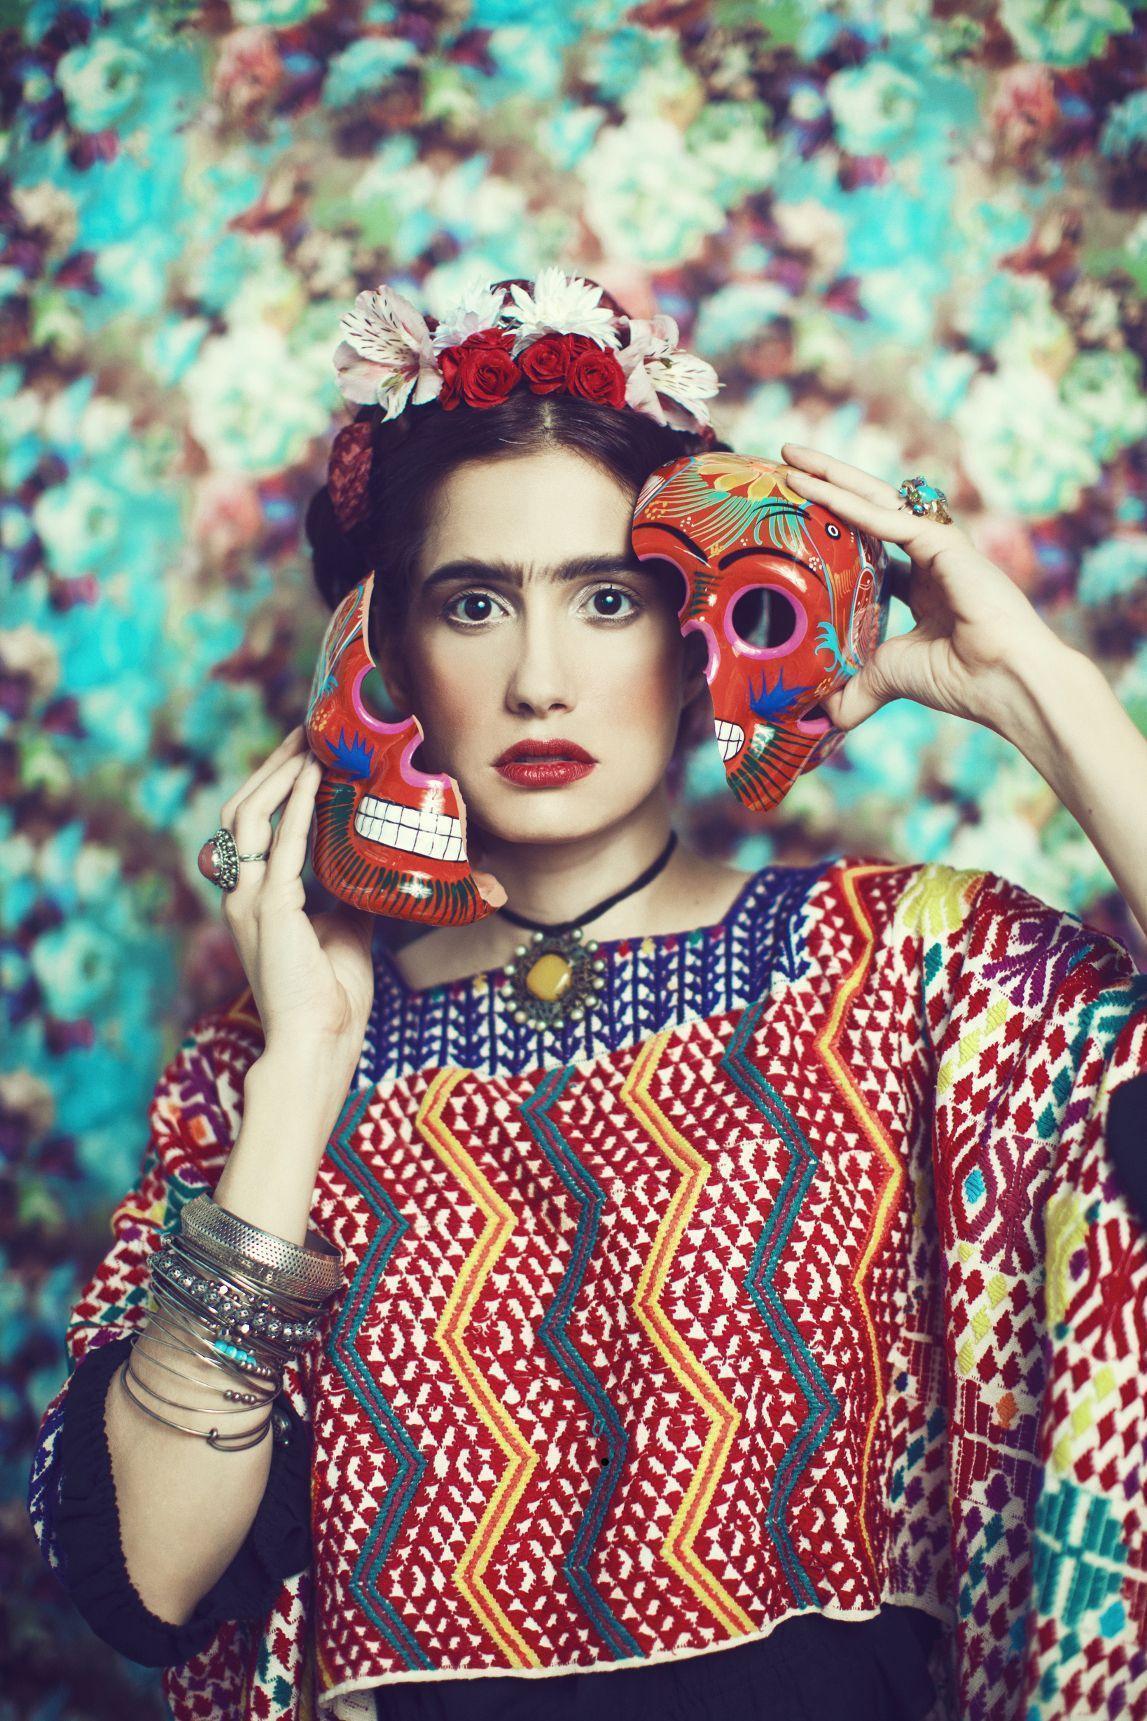 Frida Kahlo Works Paintings Art Pinturas Obras Photos Fotos chronology Cronología Books Libros Biography Biografía